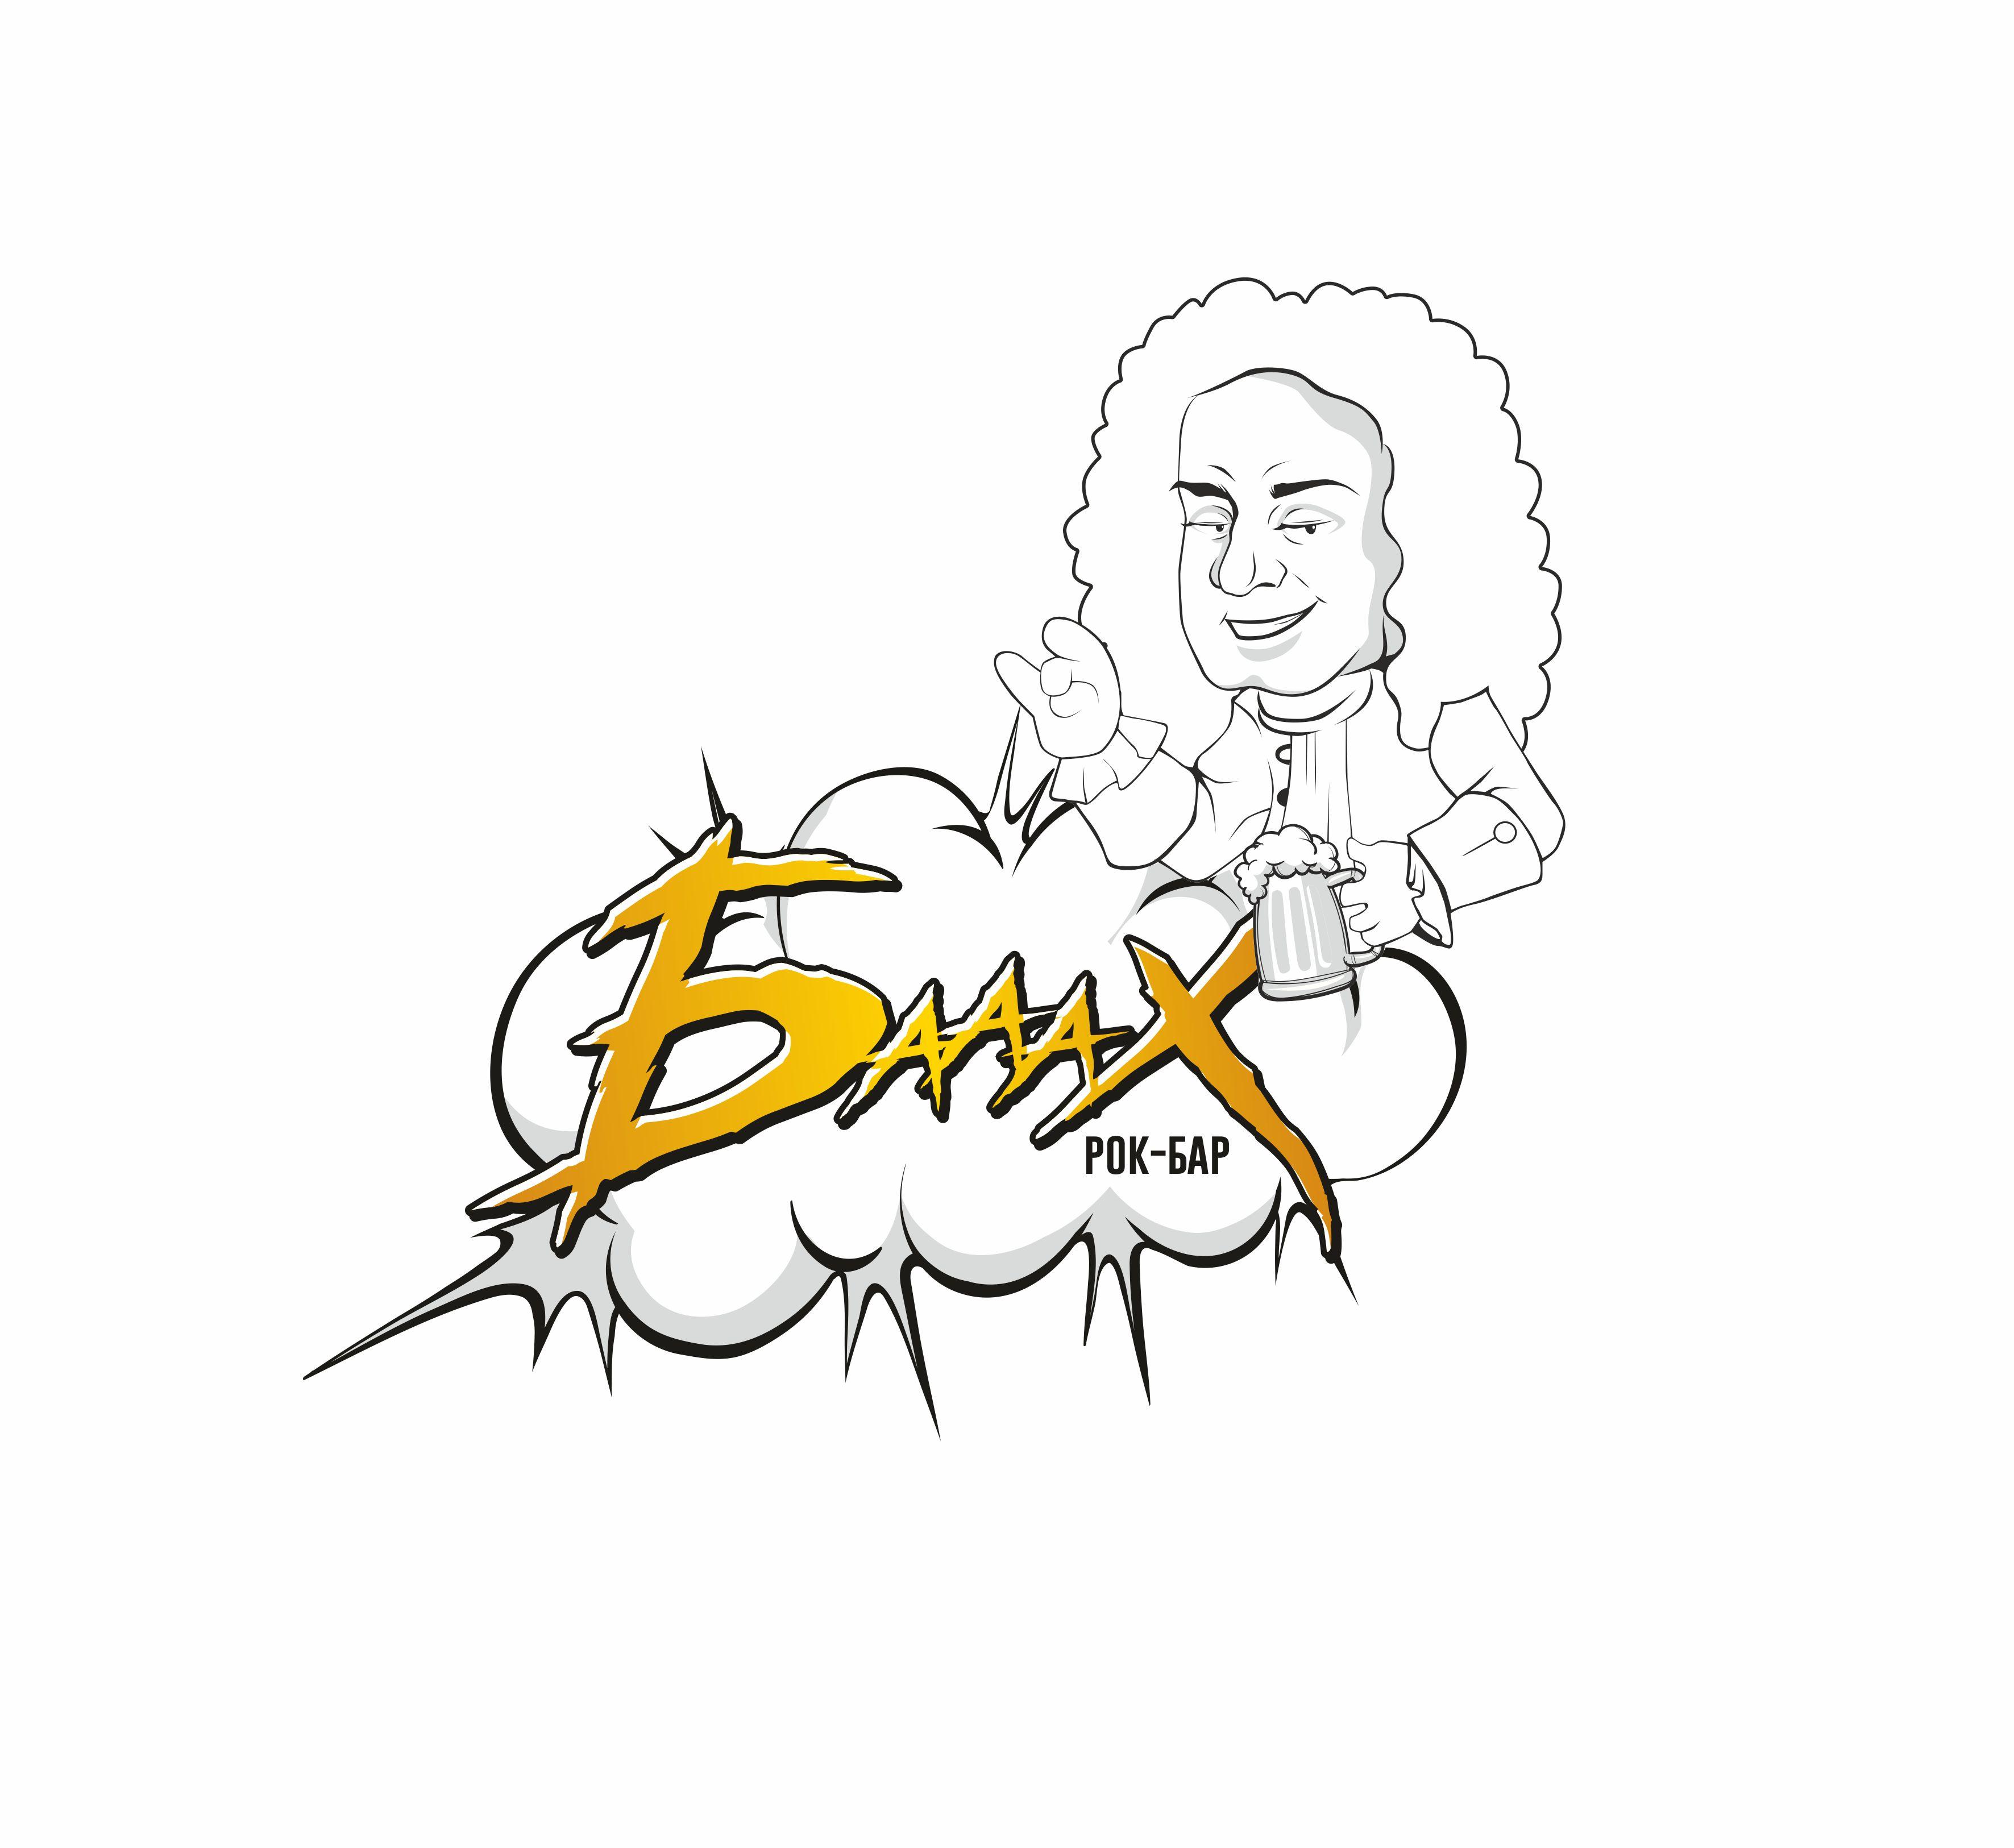 """Разработать логотип и вывеску рок-бару """"Бах"""" фото f_31159b1257499827.jpg"""